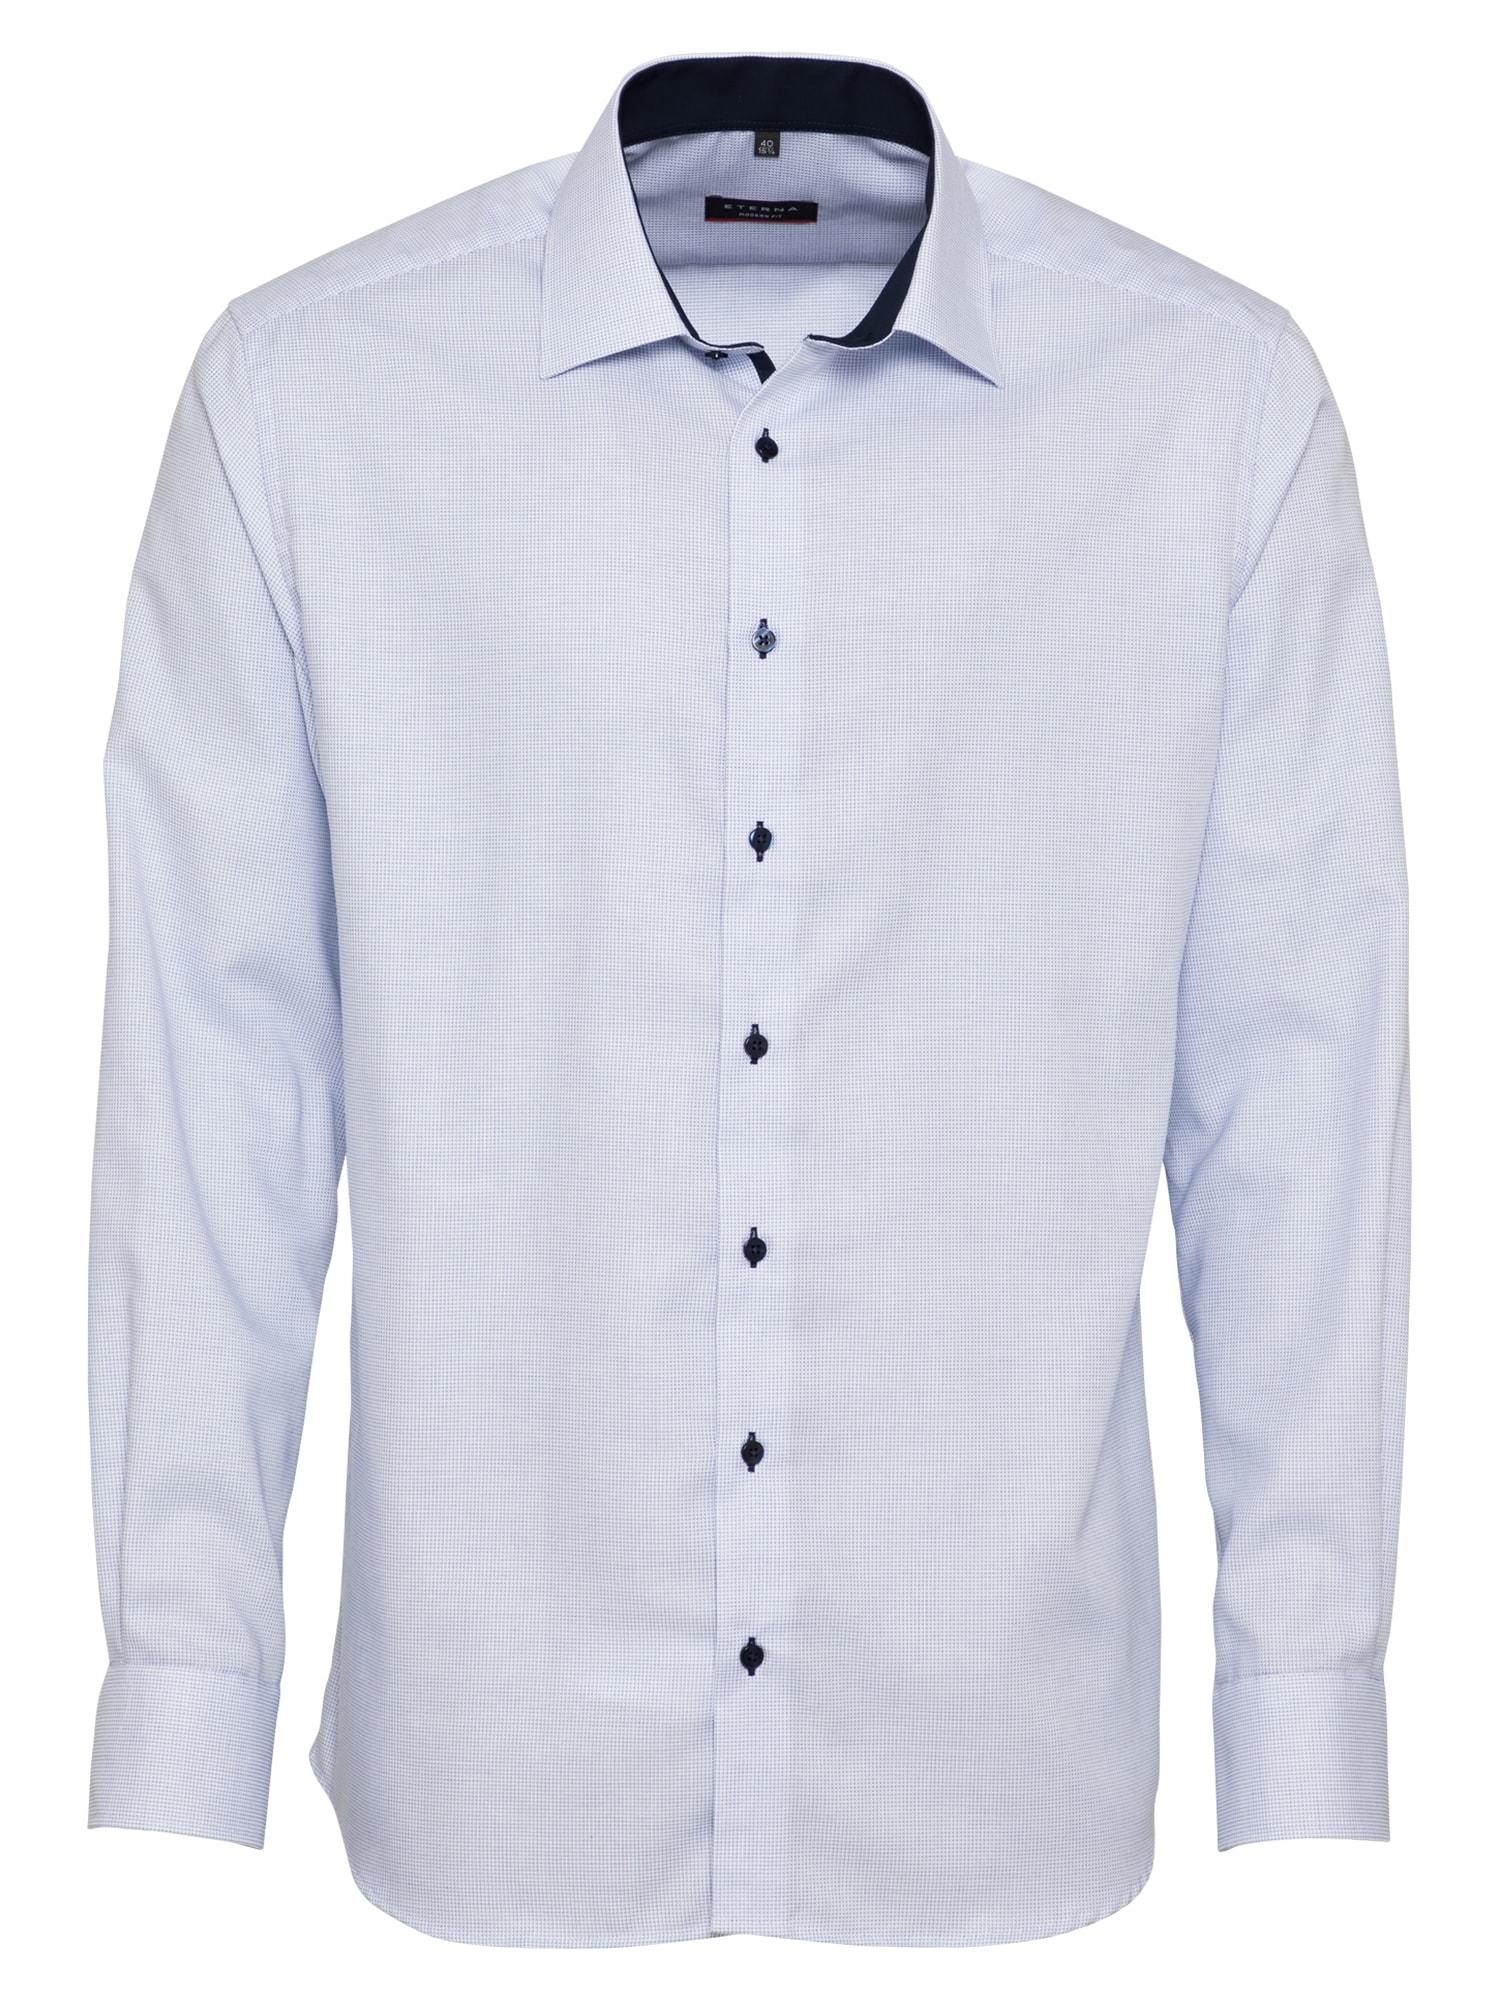 ETERNA Dalykinio stiliaus marškiniai nakties mėlyna / šviesiai mėlyna / balta